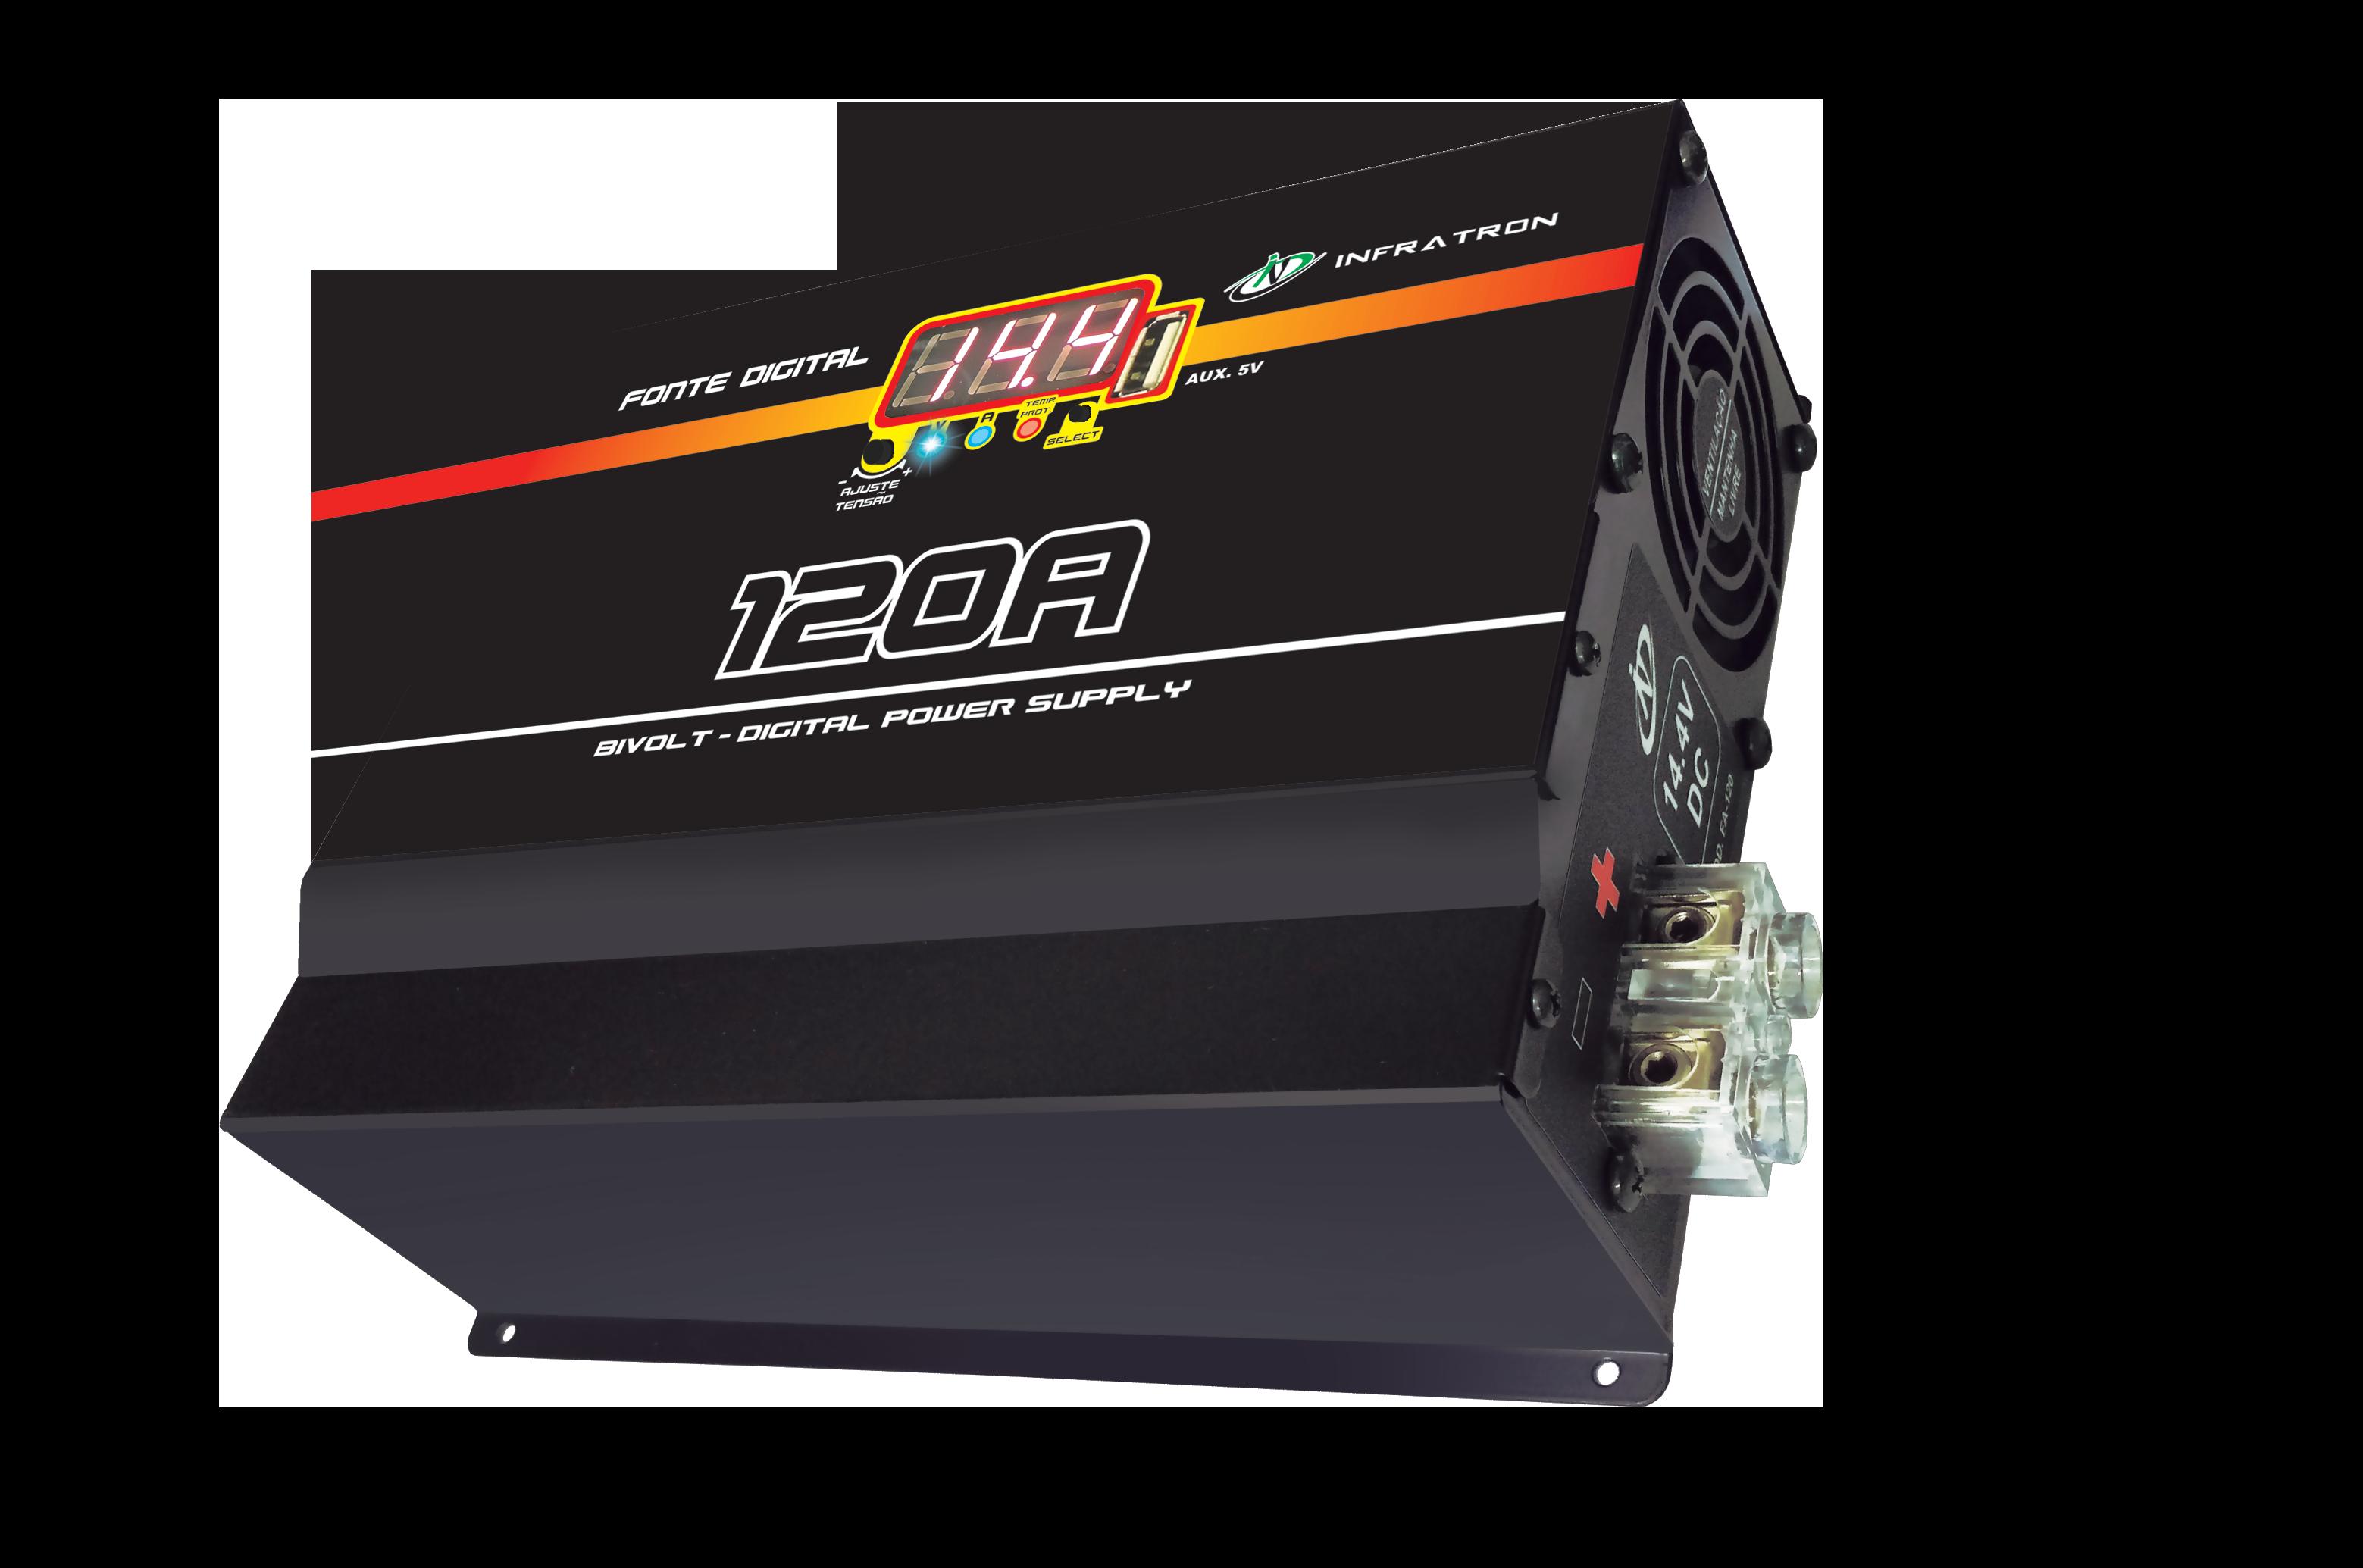 Infratron - Caixa Fonte 120A USB